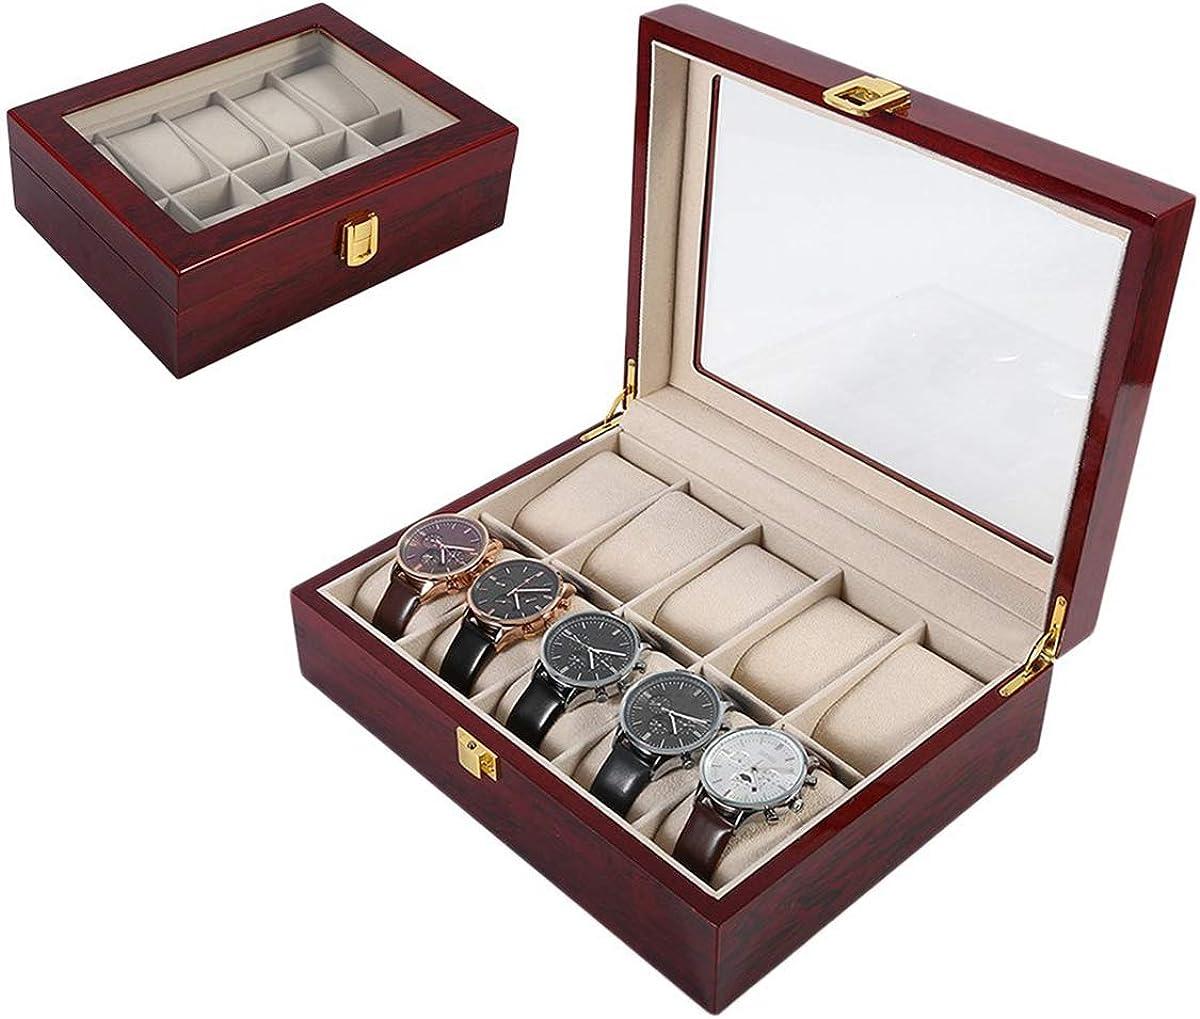 Legno/Cuoio Mesh vigilanza dell\'esposizione di sicurezza robusta staffa Jewelry Collection Storage Box Guarda Accessori Wt840200